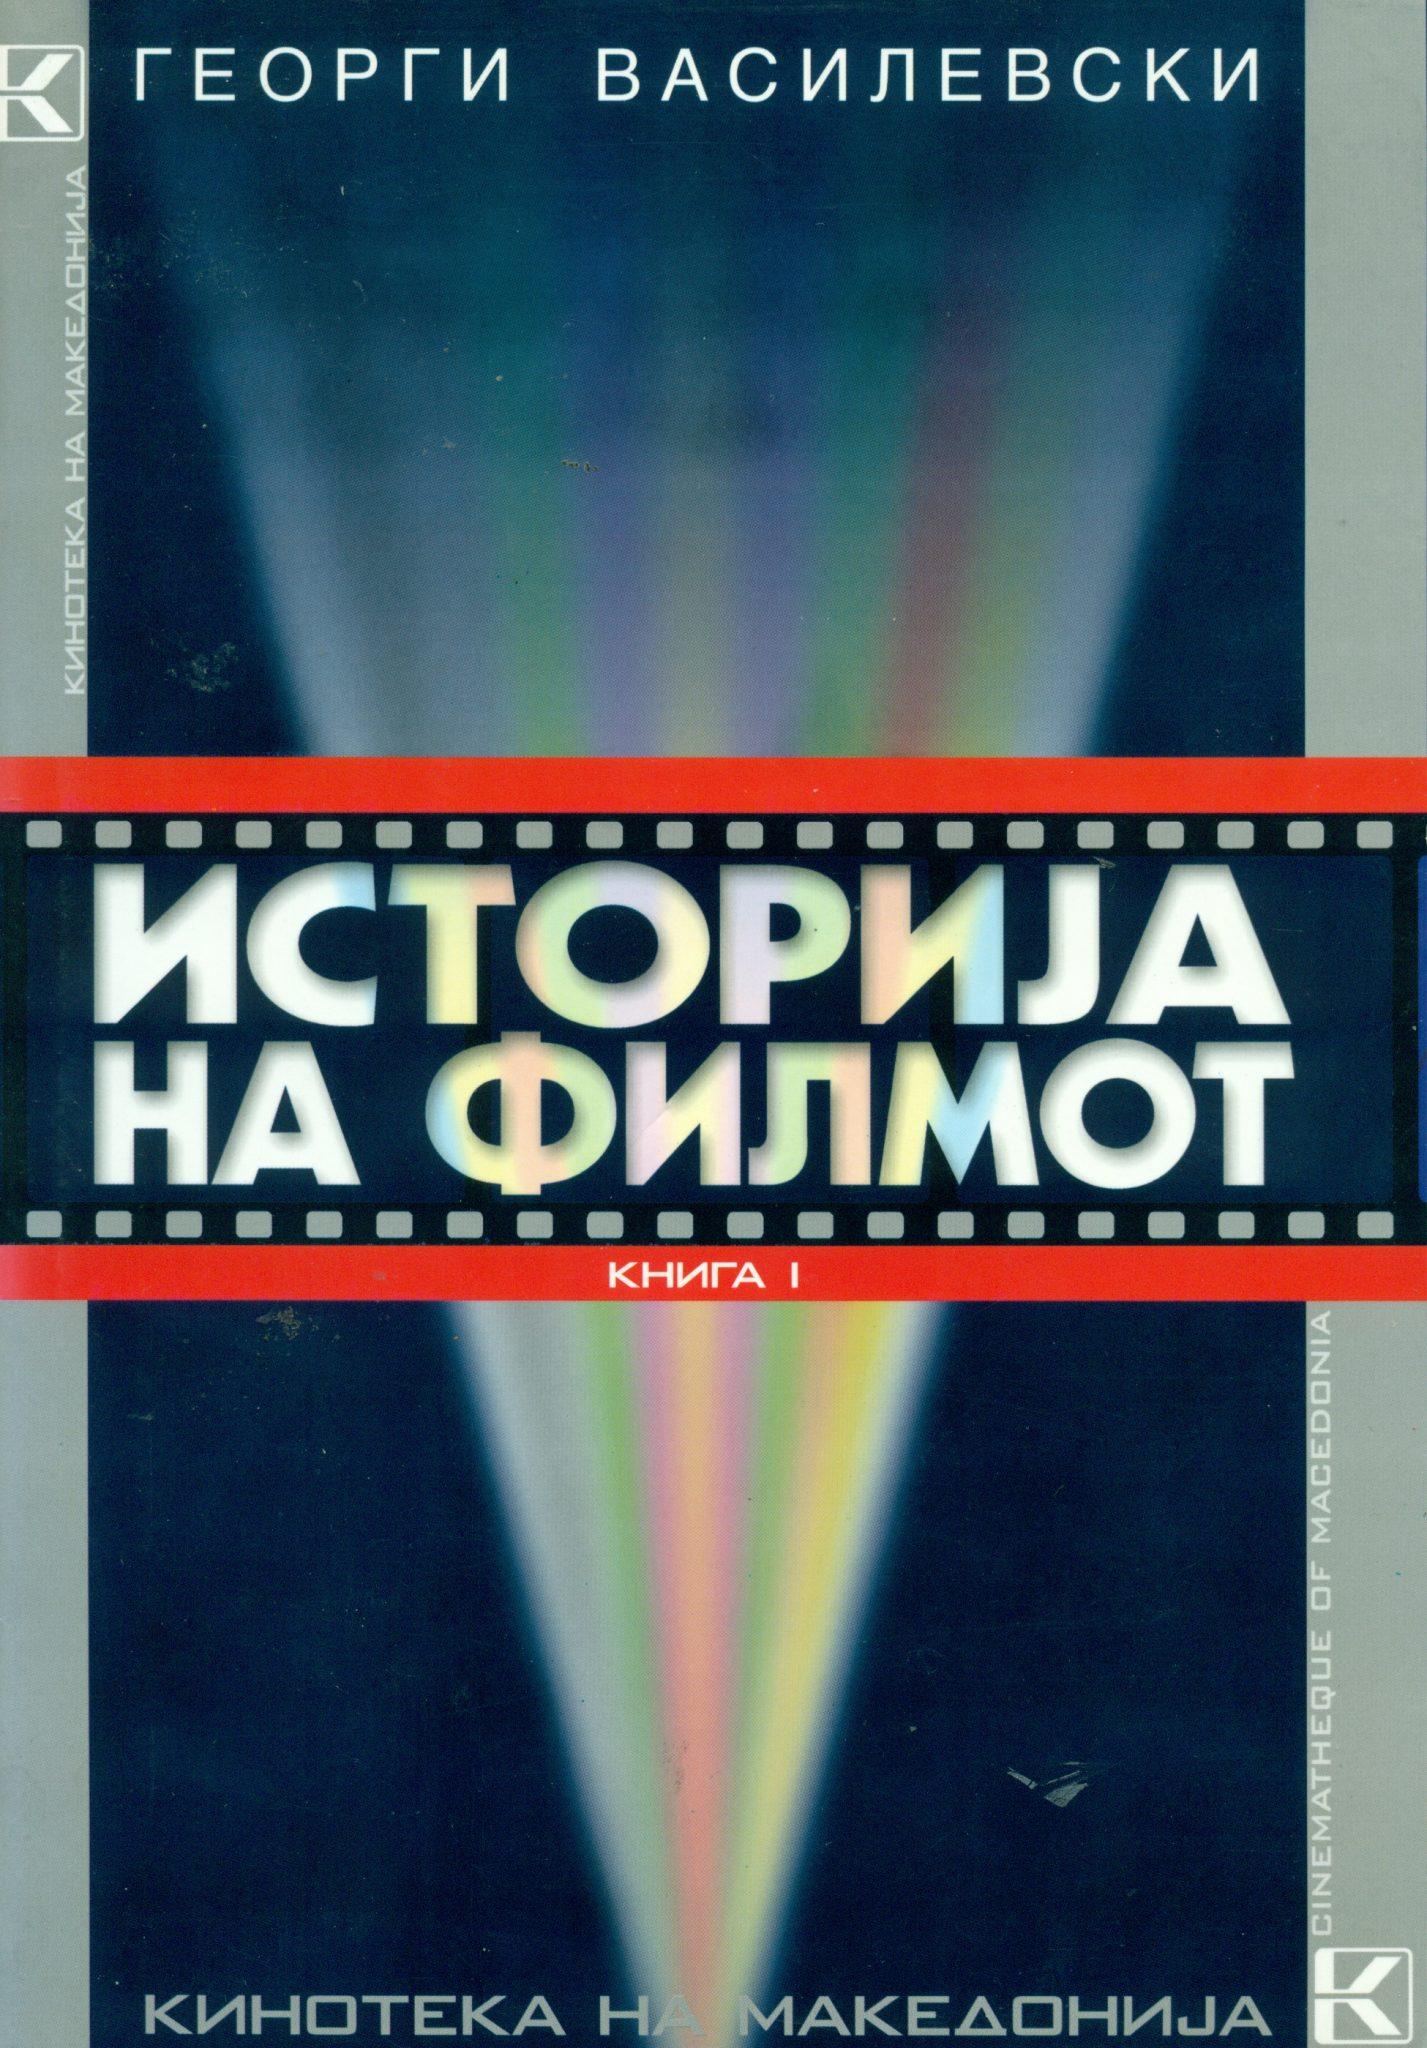 Историја на филмот, книга I – Раздобјето на немиот филм (1895 – 1927)